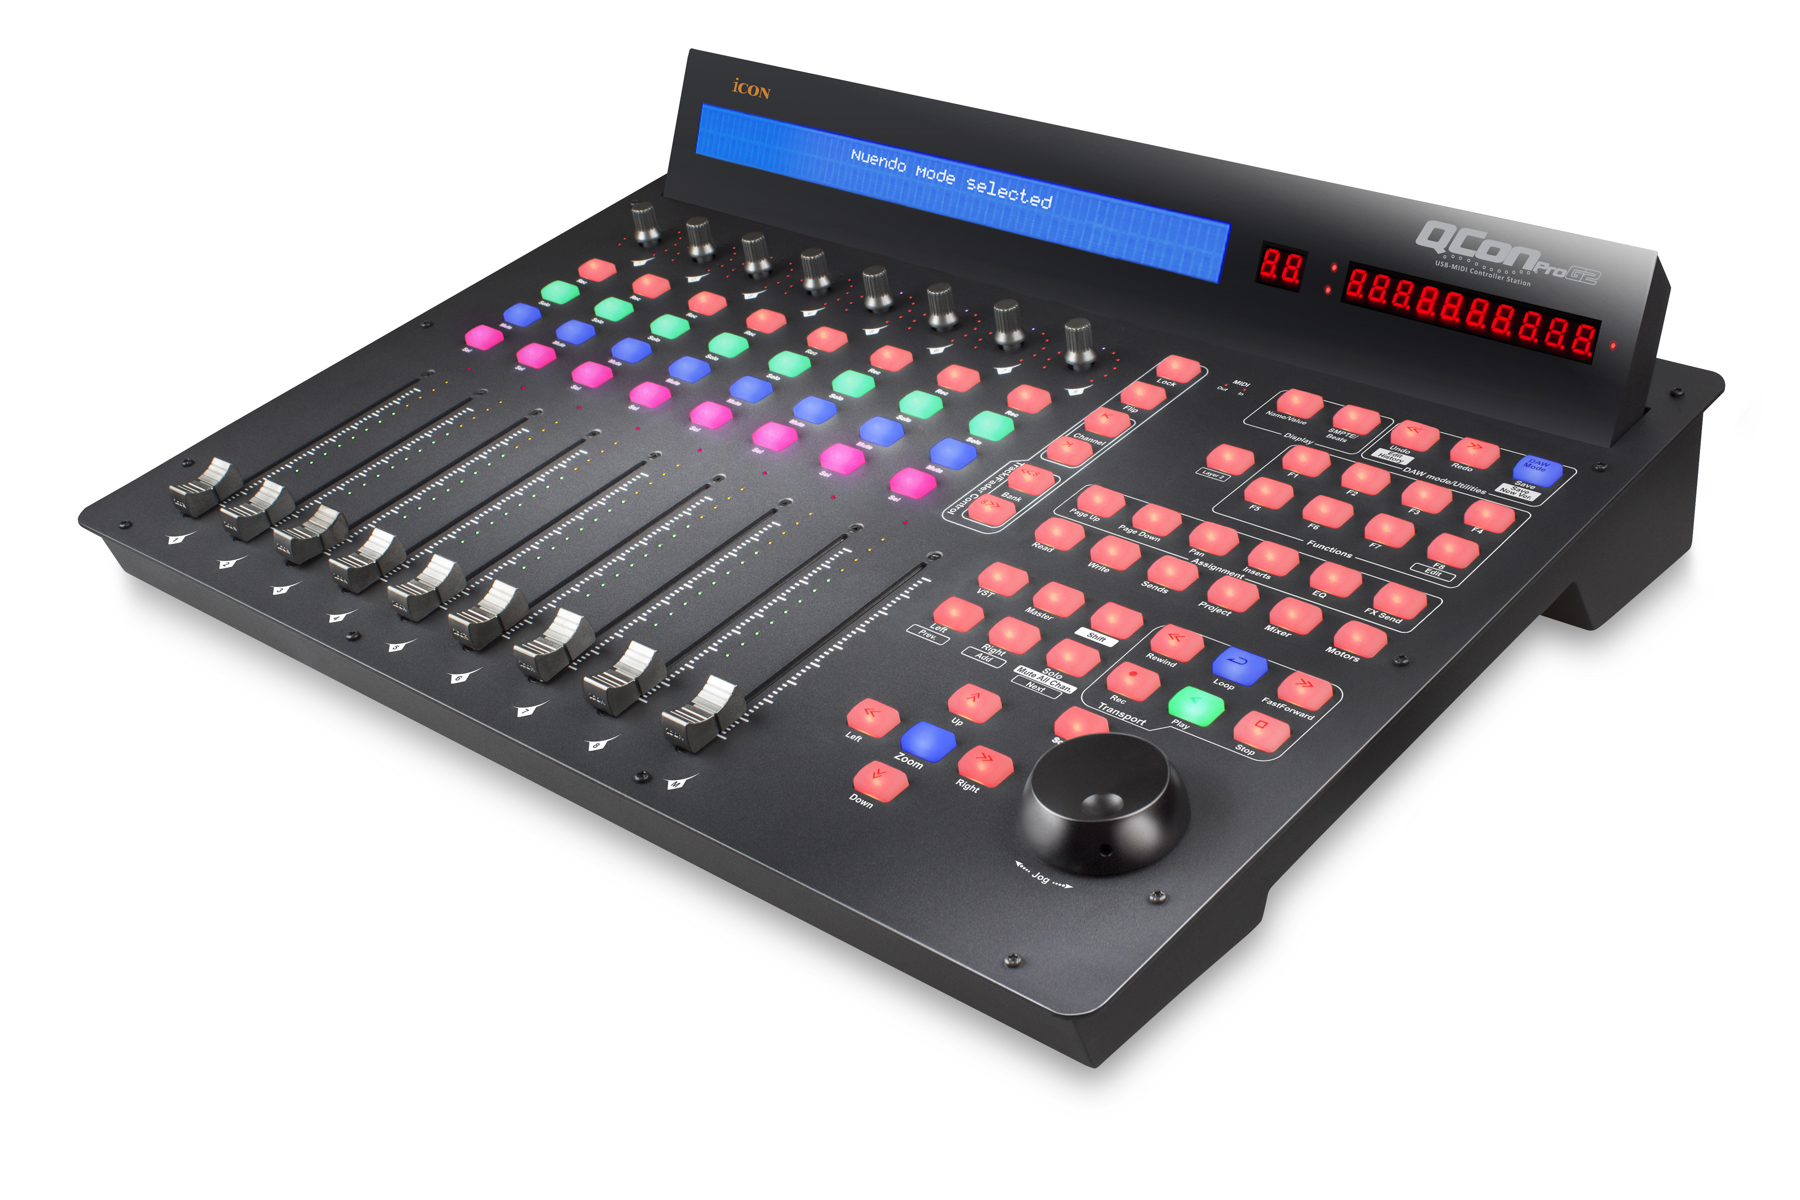 News: iCON präsentiert USB-MIDI Controller QCon Pro G2 und QCon EX G2